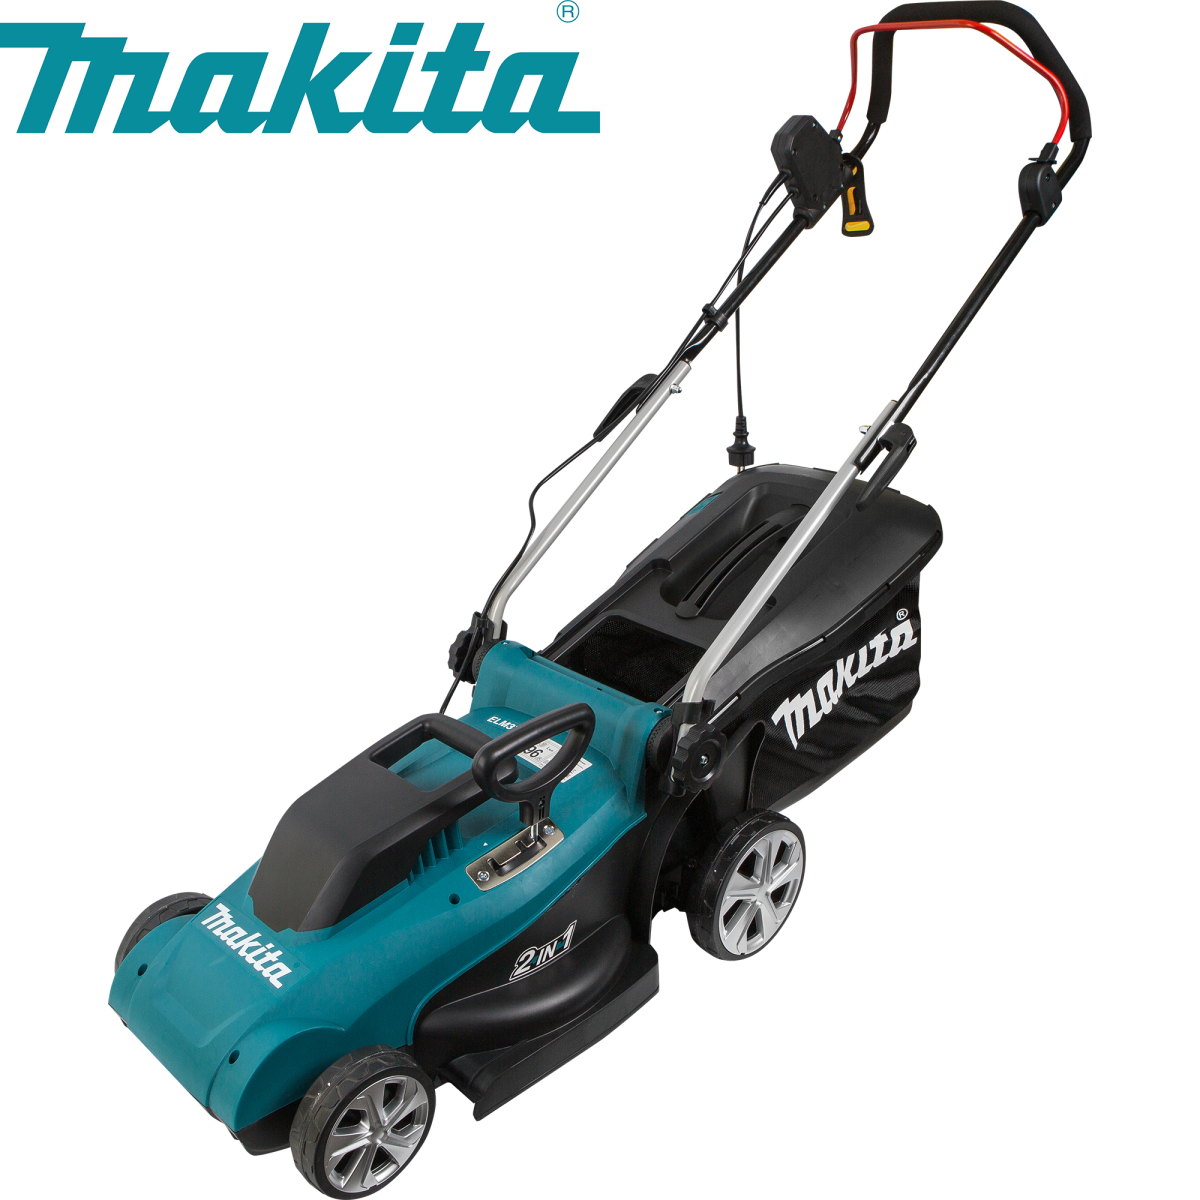 Газонокосилка электрическая Makita ELM3720 1400 Вт 37 см